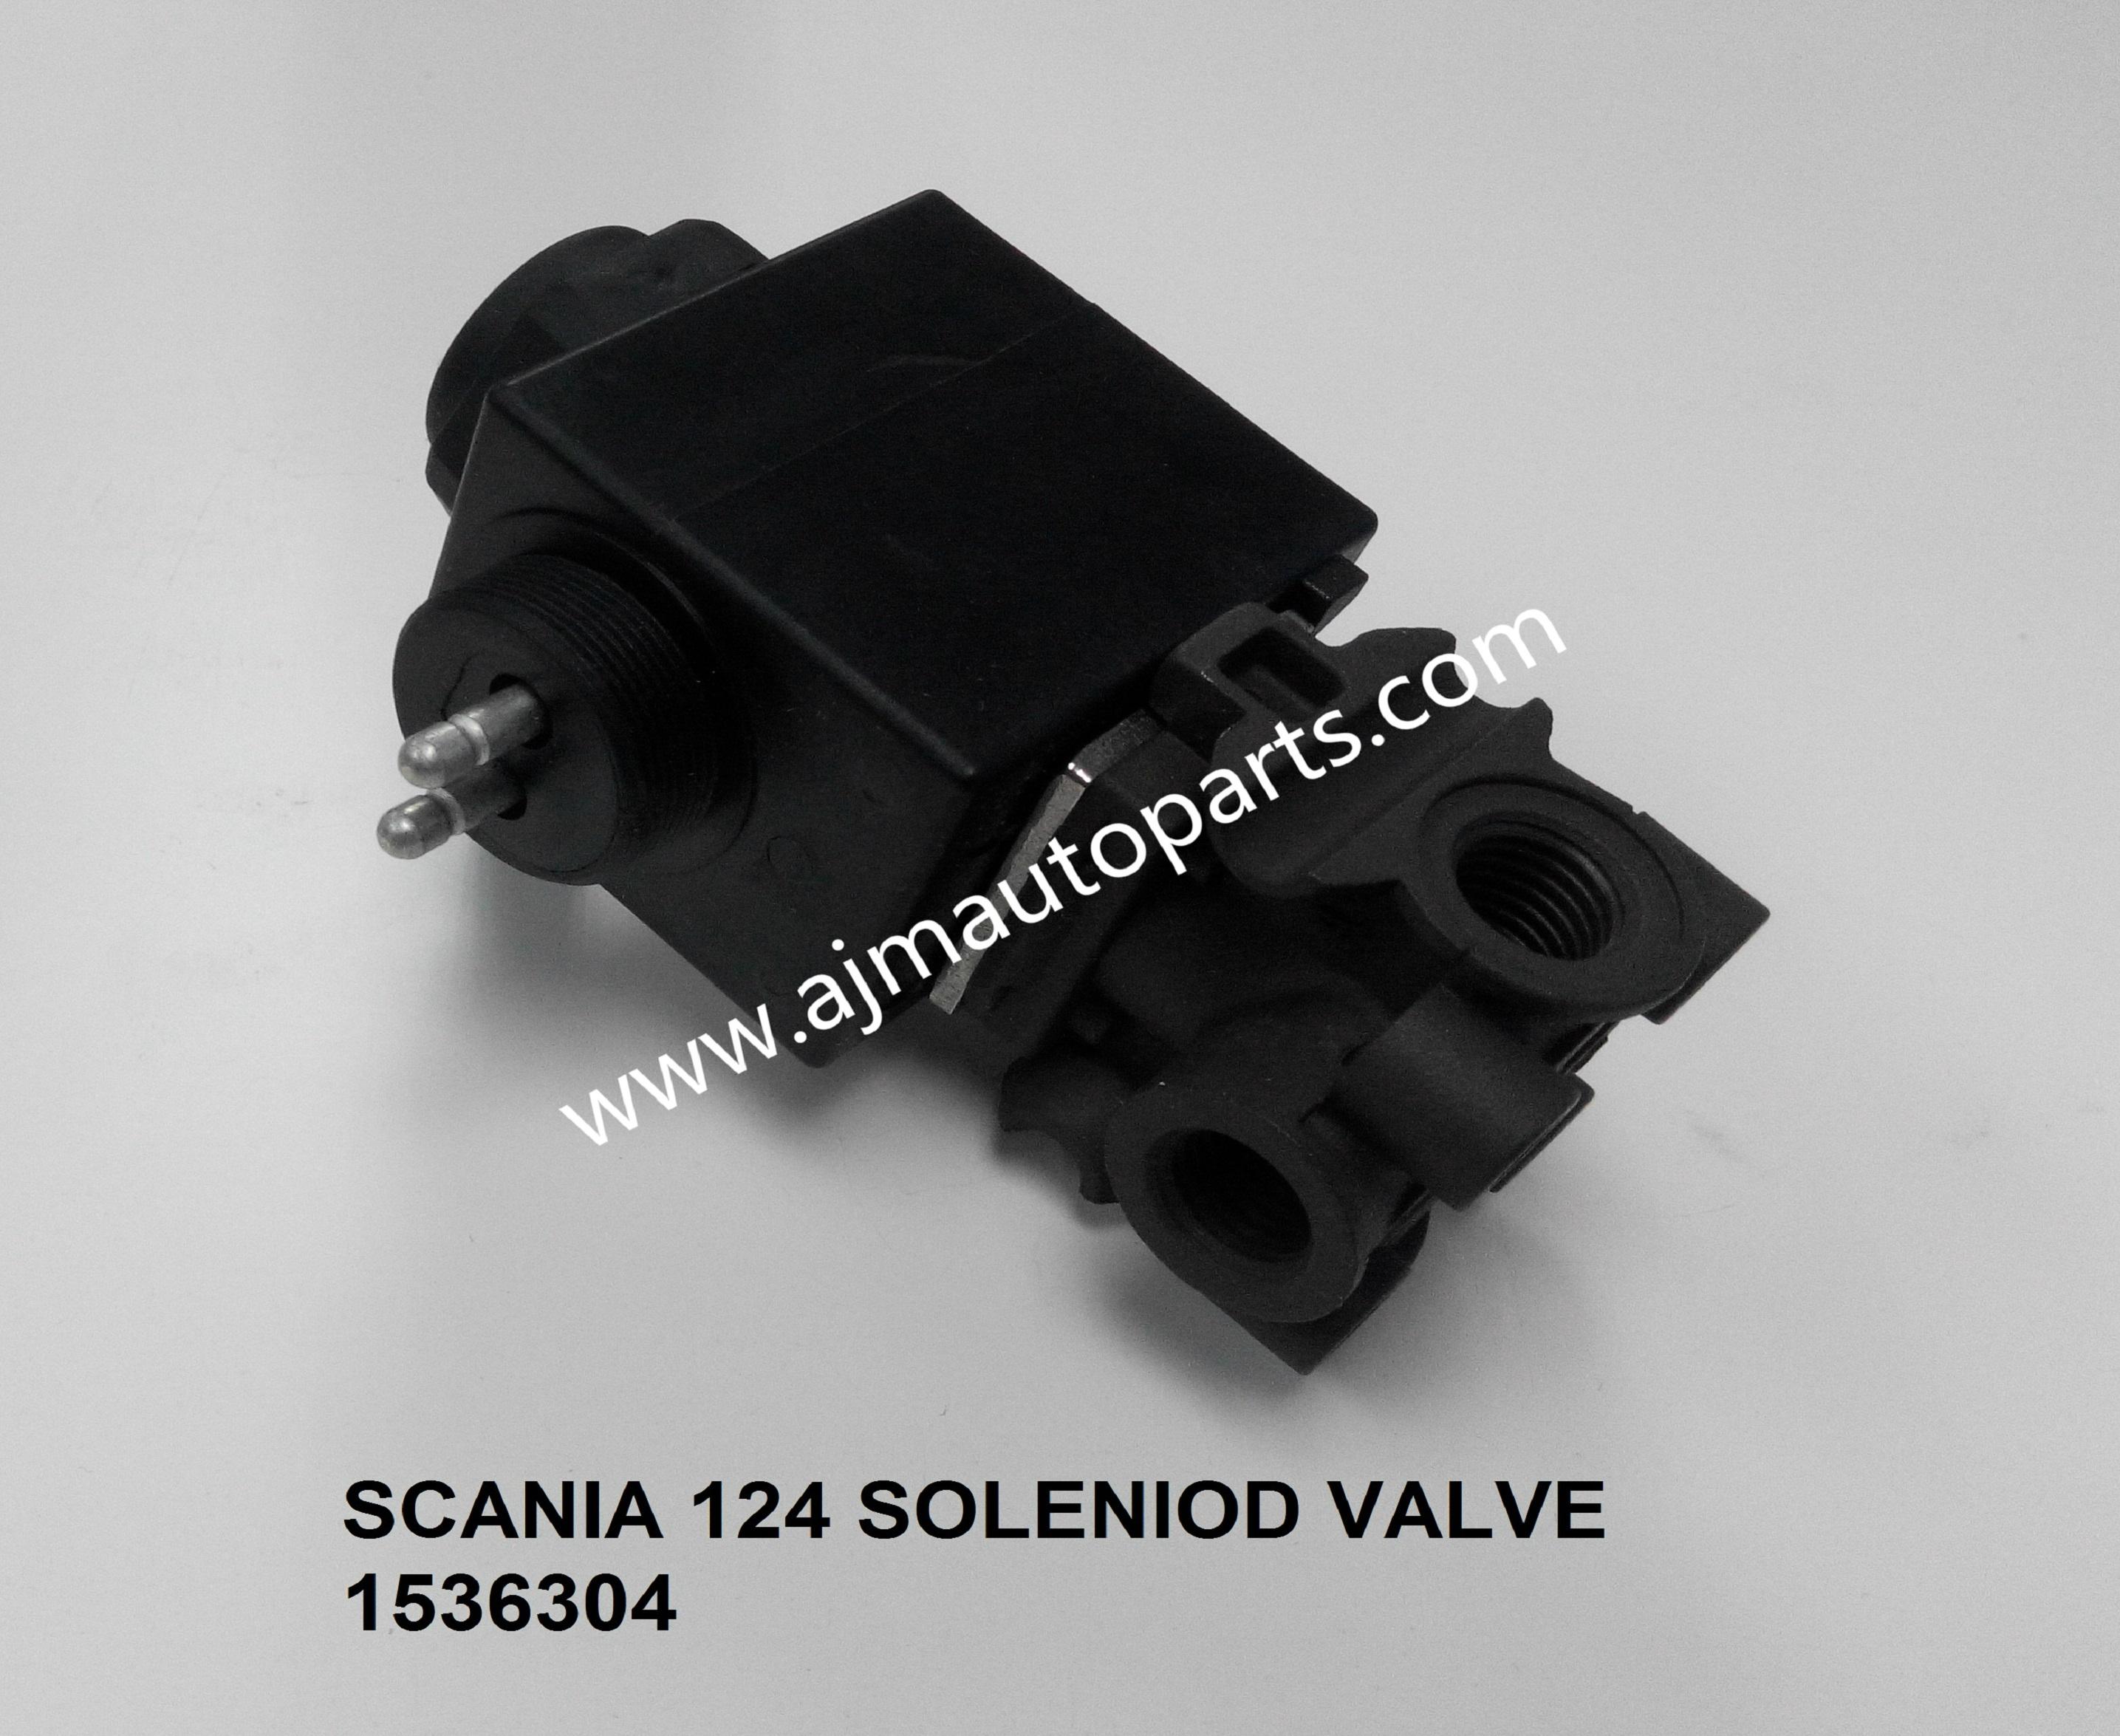 SCANIA_124_SOLENIOD_VALVE-1536304